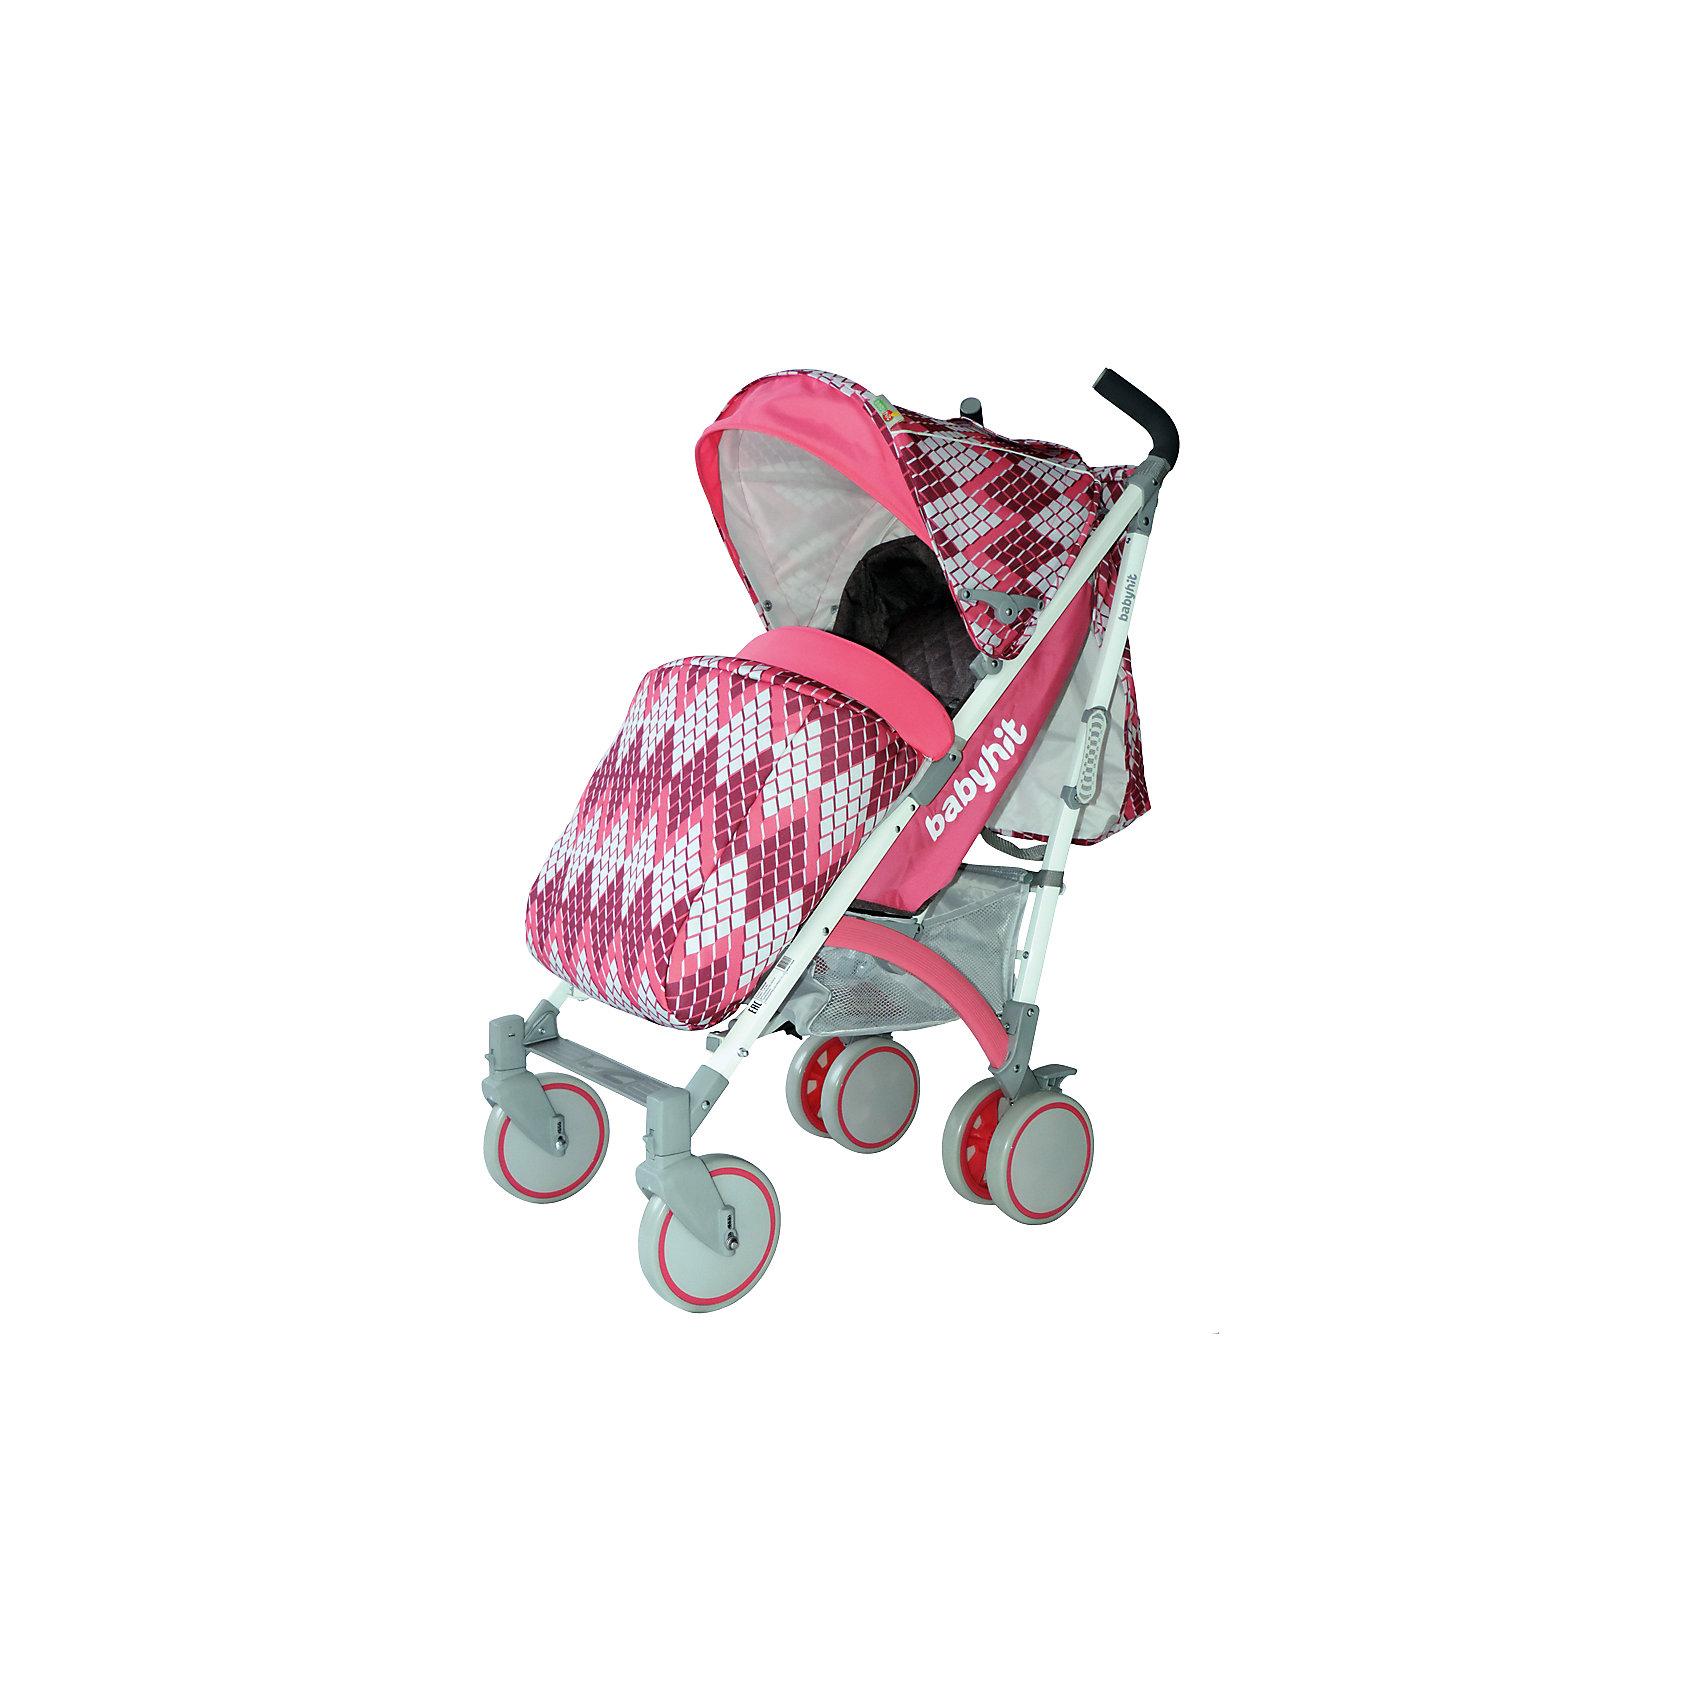 Коляска-трость Rainbow RHOMBUS, Baby Hit, розовыйRainbow, Baby Hit( бэби хит)  – коляска-трость для детей от 6 месяцев до 3 лет. Для дополнительной безопасности малыша коляска оснащена съемным бампером, 5-точечными ремнями и паховым ремнем. 3 положения спинки и регулируемая подножка помогут вашему ребенку удобно расположиться и отдохнуть. Передние плавающие колеса можно зафиксировать; все колеса амортизированы. Капюшон-батискаф опускается до бампера коляска в случае необходимости. Коляска легко складывается и автоматически блокируется. Для удобства переноса предусмотрена специальная ручка.  Есть корзина для покупок. С этой коляской вам будет очень комфортно гулять с крохой.<br>Особенности и преимущества:<br>-5-точечные ремни и паховый ремень для безопасности ребенка<br>-удобна при переносе в сложенном виде<br>-плавающие колеса можно зафиксировать<br>Размеры: 85x43x108 см<br>Вес: 7,4 кг<br>Дополнительные характеристики:<br>Ширина сиденья: 35 см<br>Длина подножки: 13 см<br>Глубина сиденья: 25 см<br>Размер спального места: 85x35 см<br>Высота спинки: 47 см<br>В комплекте: чехол для ног, дождевик, сумка для мамы, москитная сетка<br>Вы можете приобрести коляску Rainbow в нашем интернет-магазине.<br>ВНИМАНИЕ! Данный артикул имеется в наличии в разных цветовых исполнениях (черный/желтый, розовый, голубой). К сожалению, заранее выбрать определенный цвет не возможно.<br><br>Ширина мм: 260<br>Глубина мм: 250<br>Высота мм: 900<br>Вес г: 8700<br>Возраст от месяцев: 6<br>Возраст до месяцев: 36<br>Пол: Унисекс<br>Возраст: Детский<br>SKU: 4881274